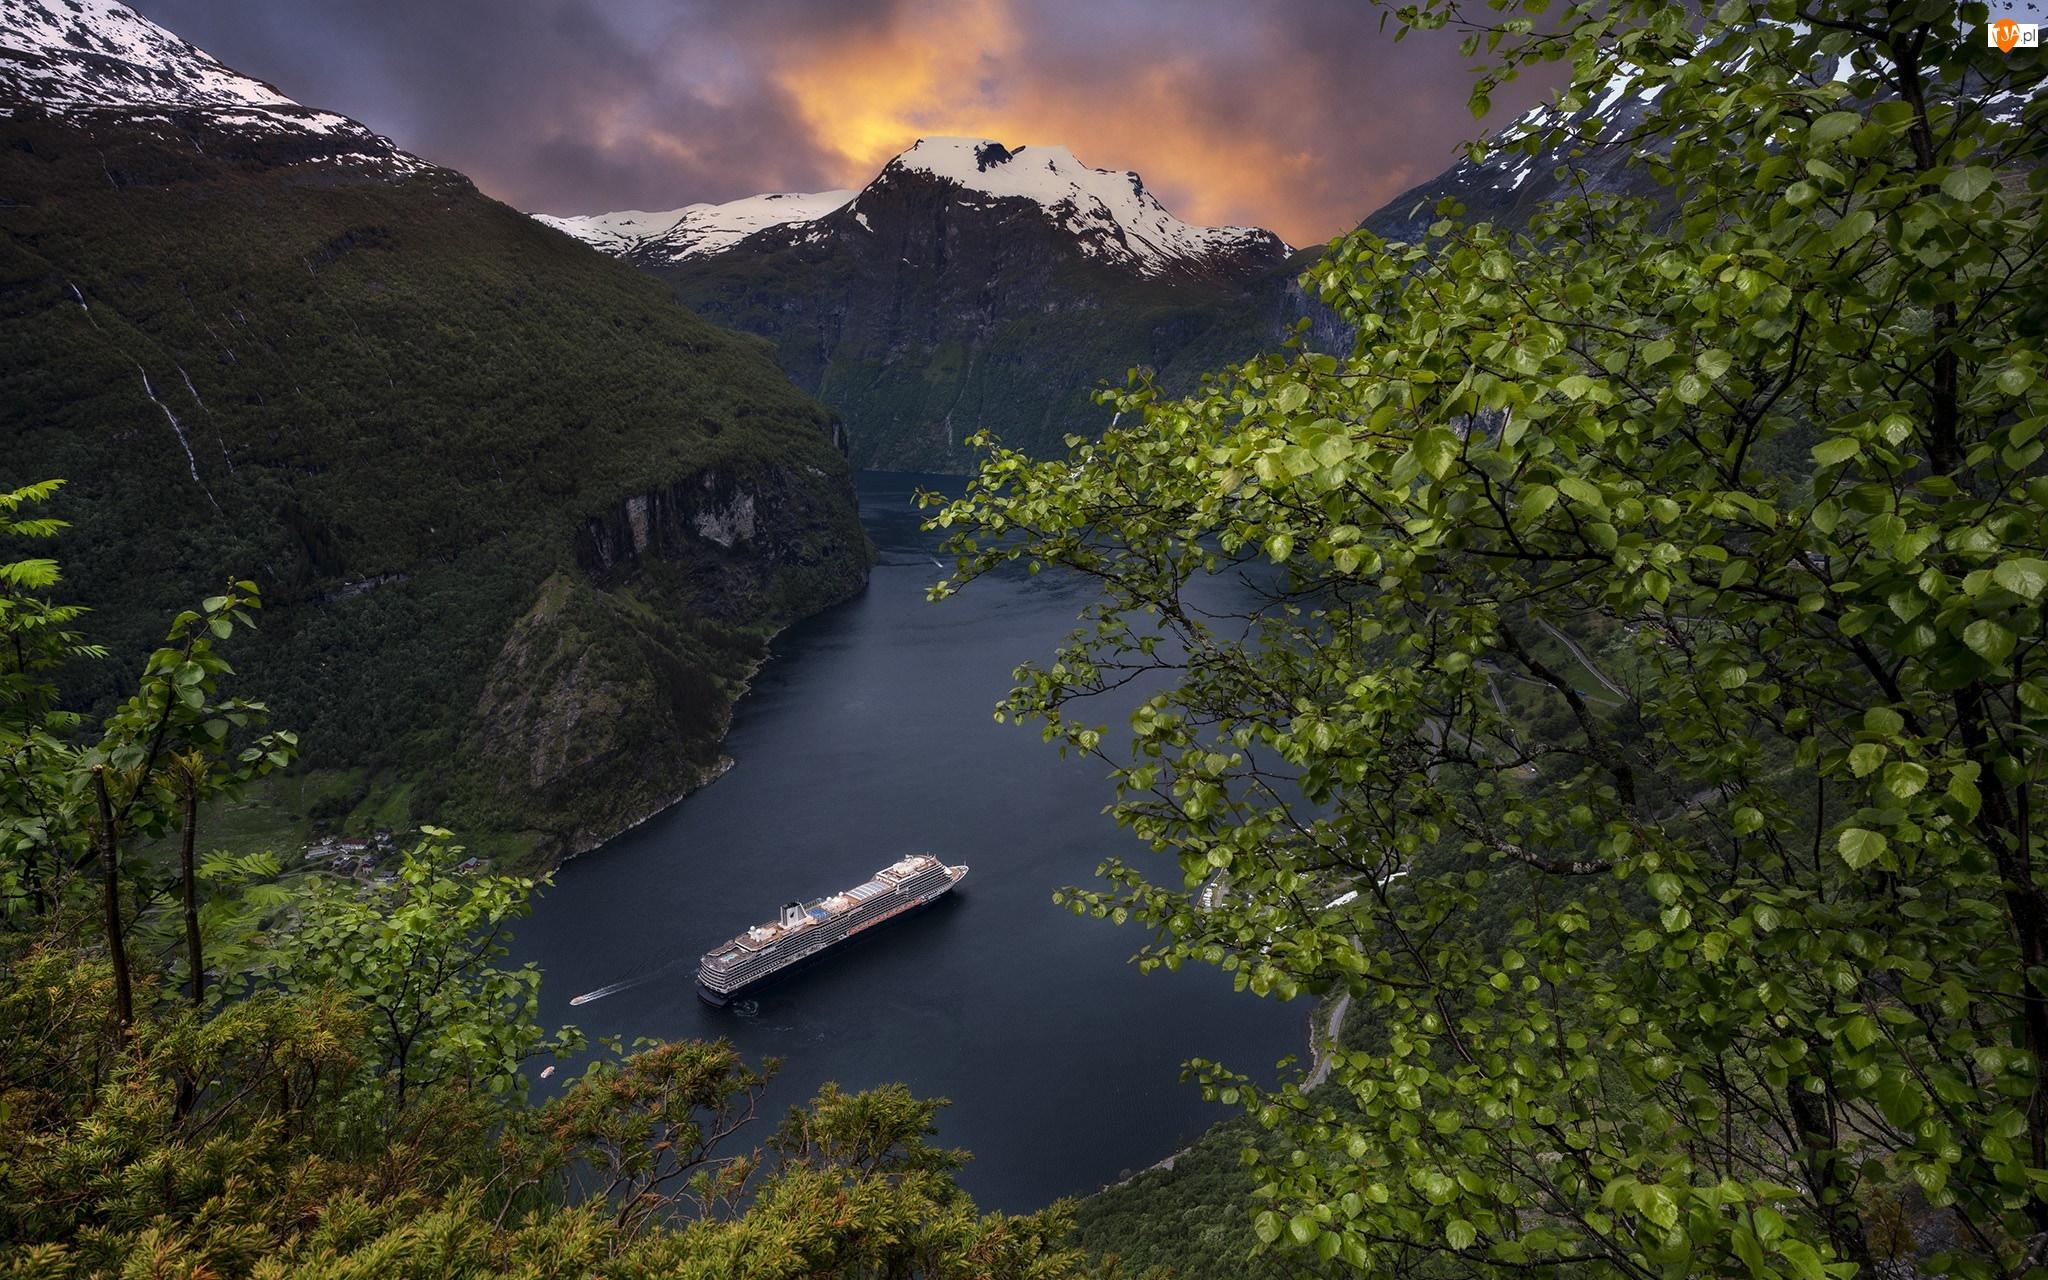 Statek MS Koningsdam, Norwegia, Góry, Fiord Geirangerfjord, Zachód słońca